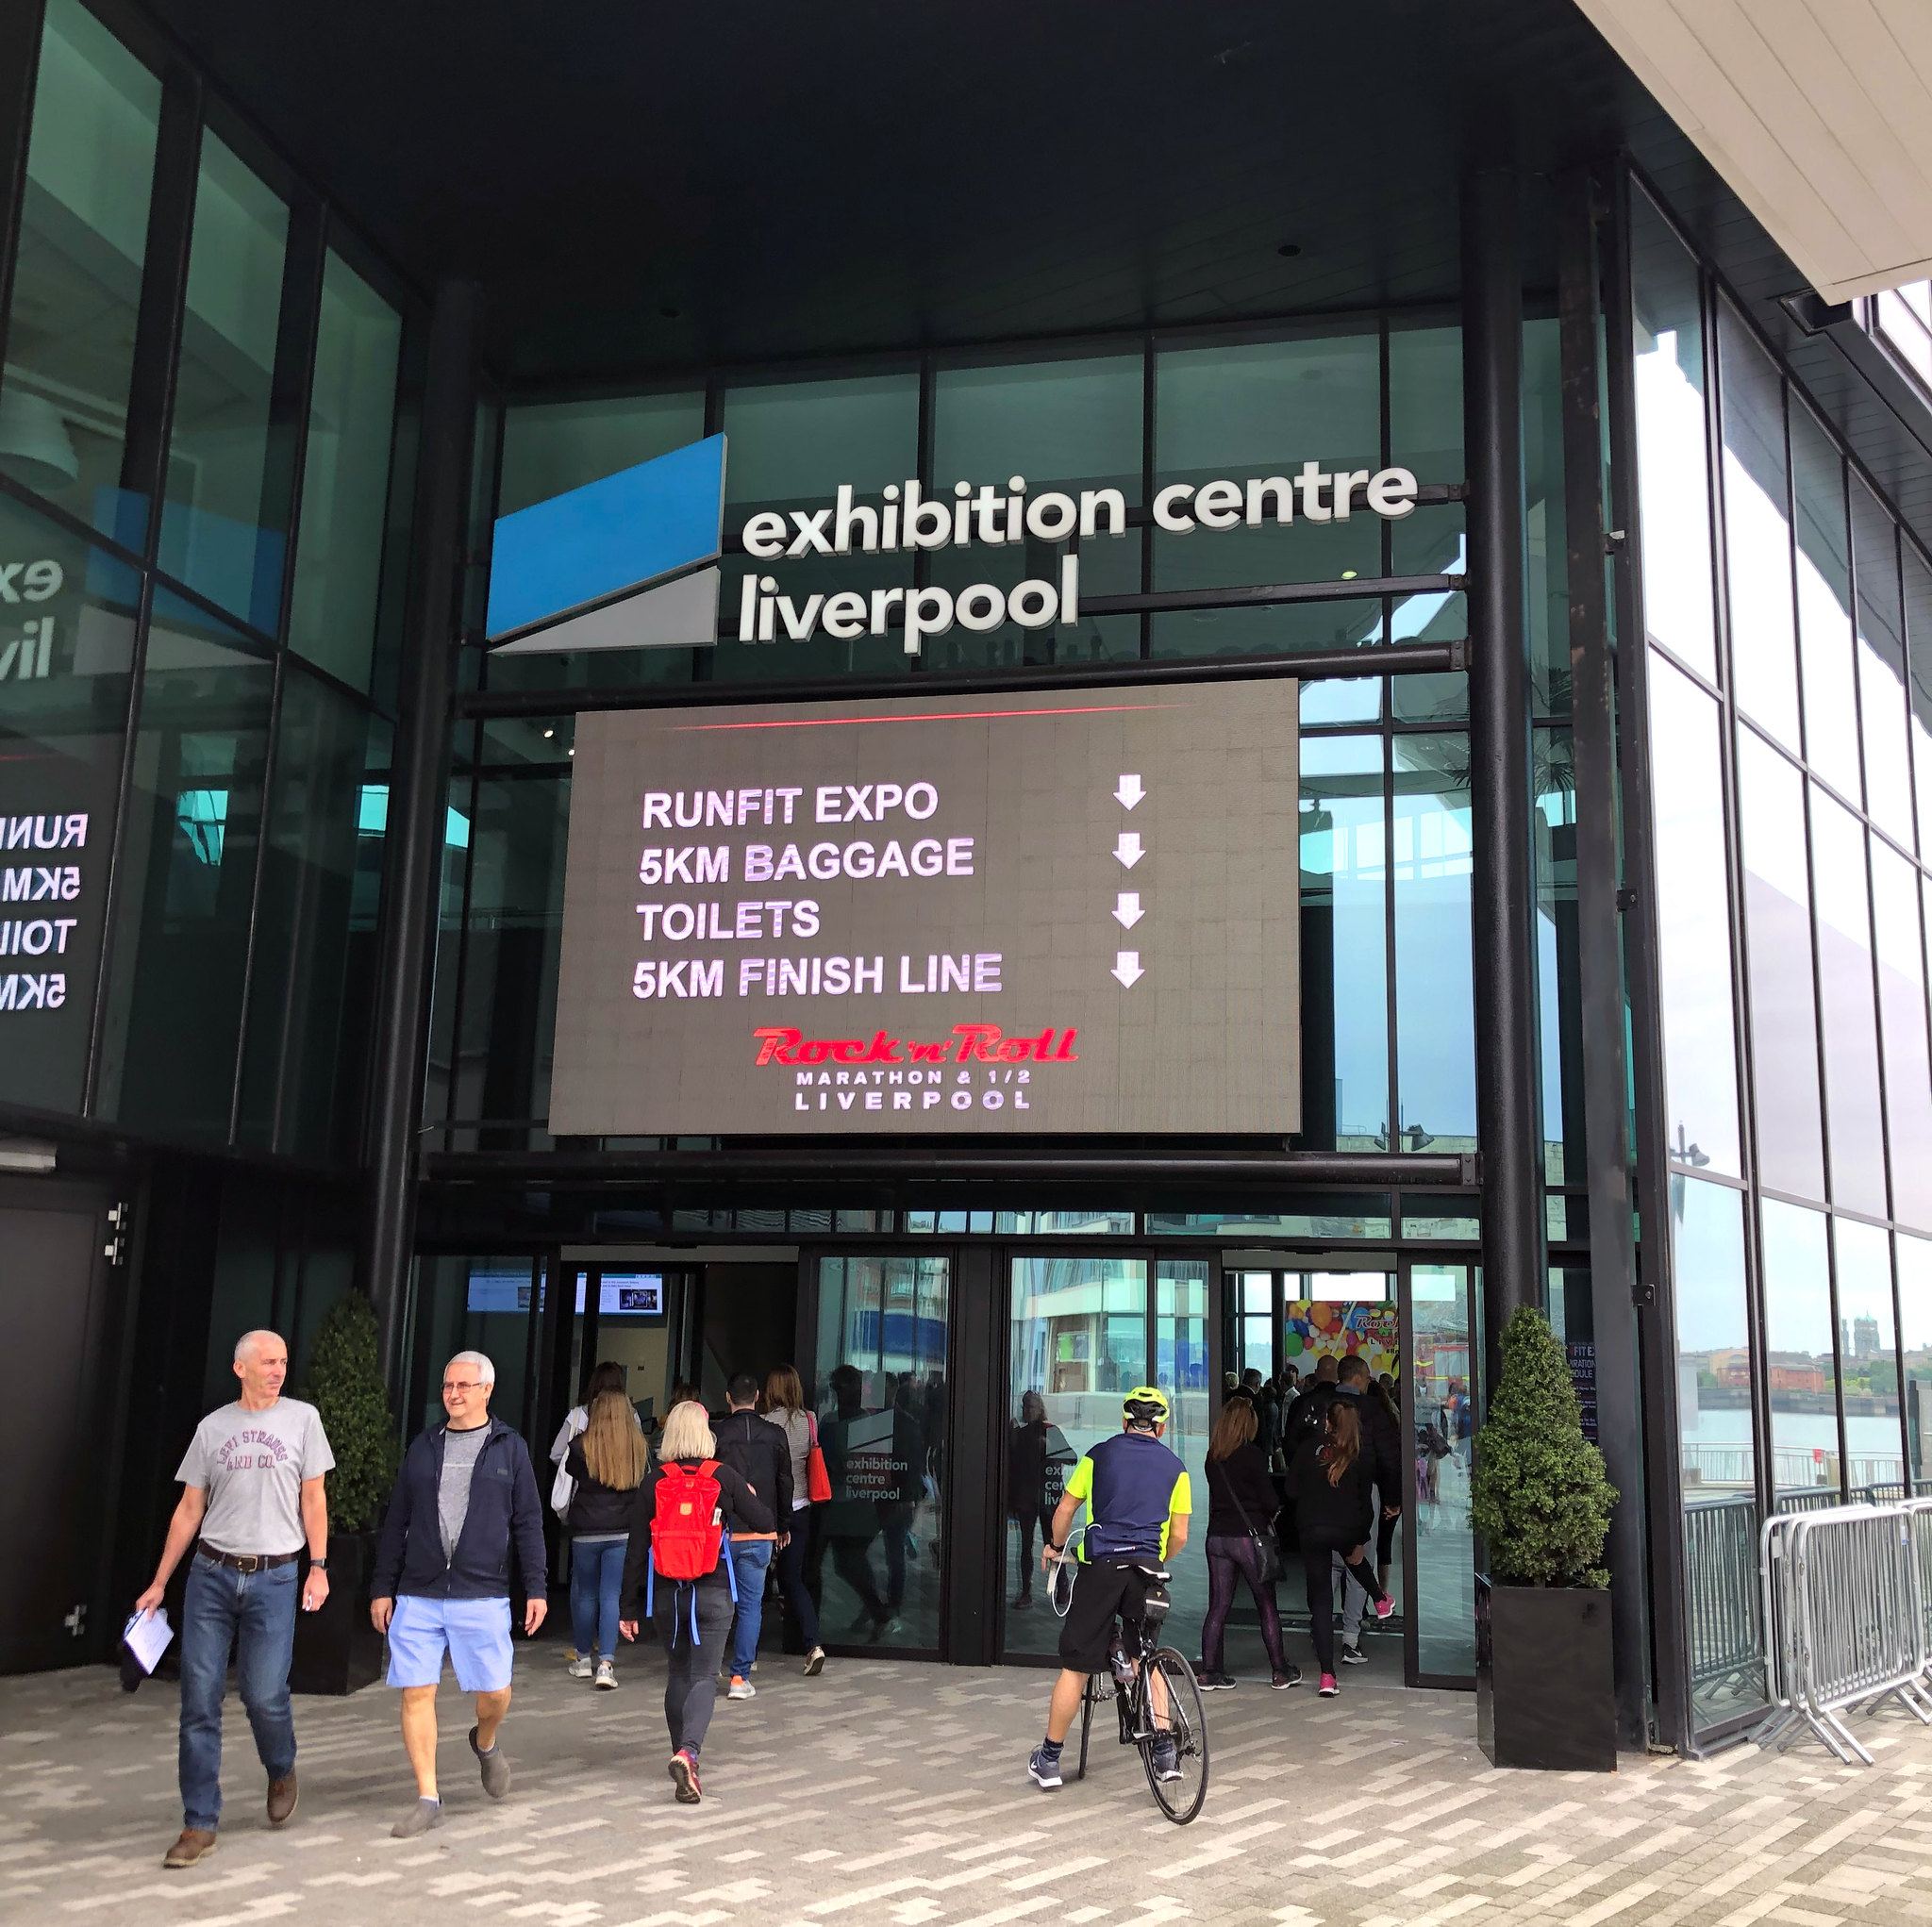 Maratón de Liverpool, Marathon maratón de liverpool - 48687594251 639d2c1940 k - Maratón de Liverpool: análisis, recorrido, entrenamiento y recomendaciones de viaje